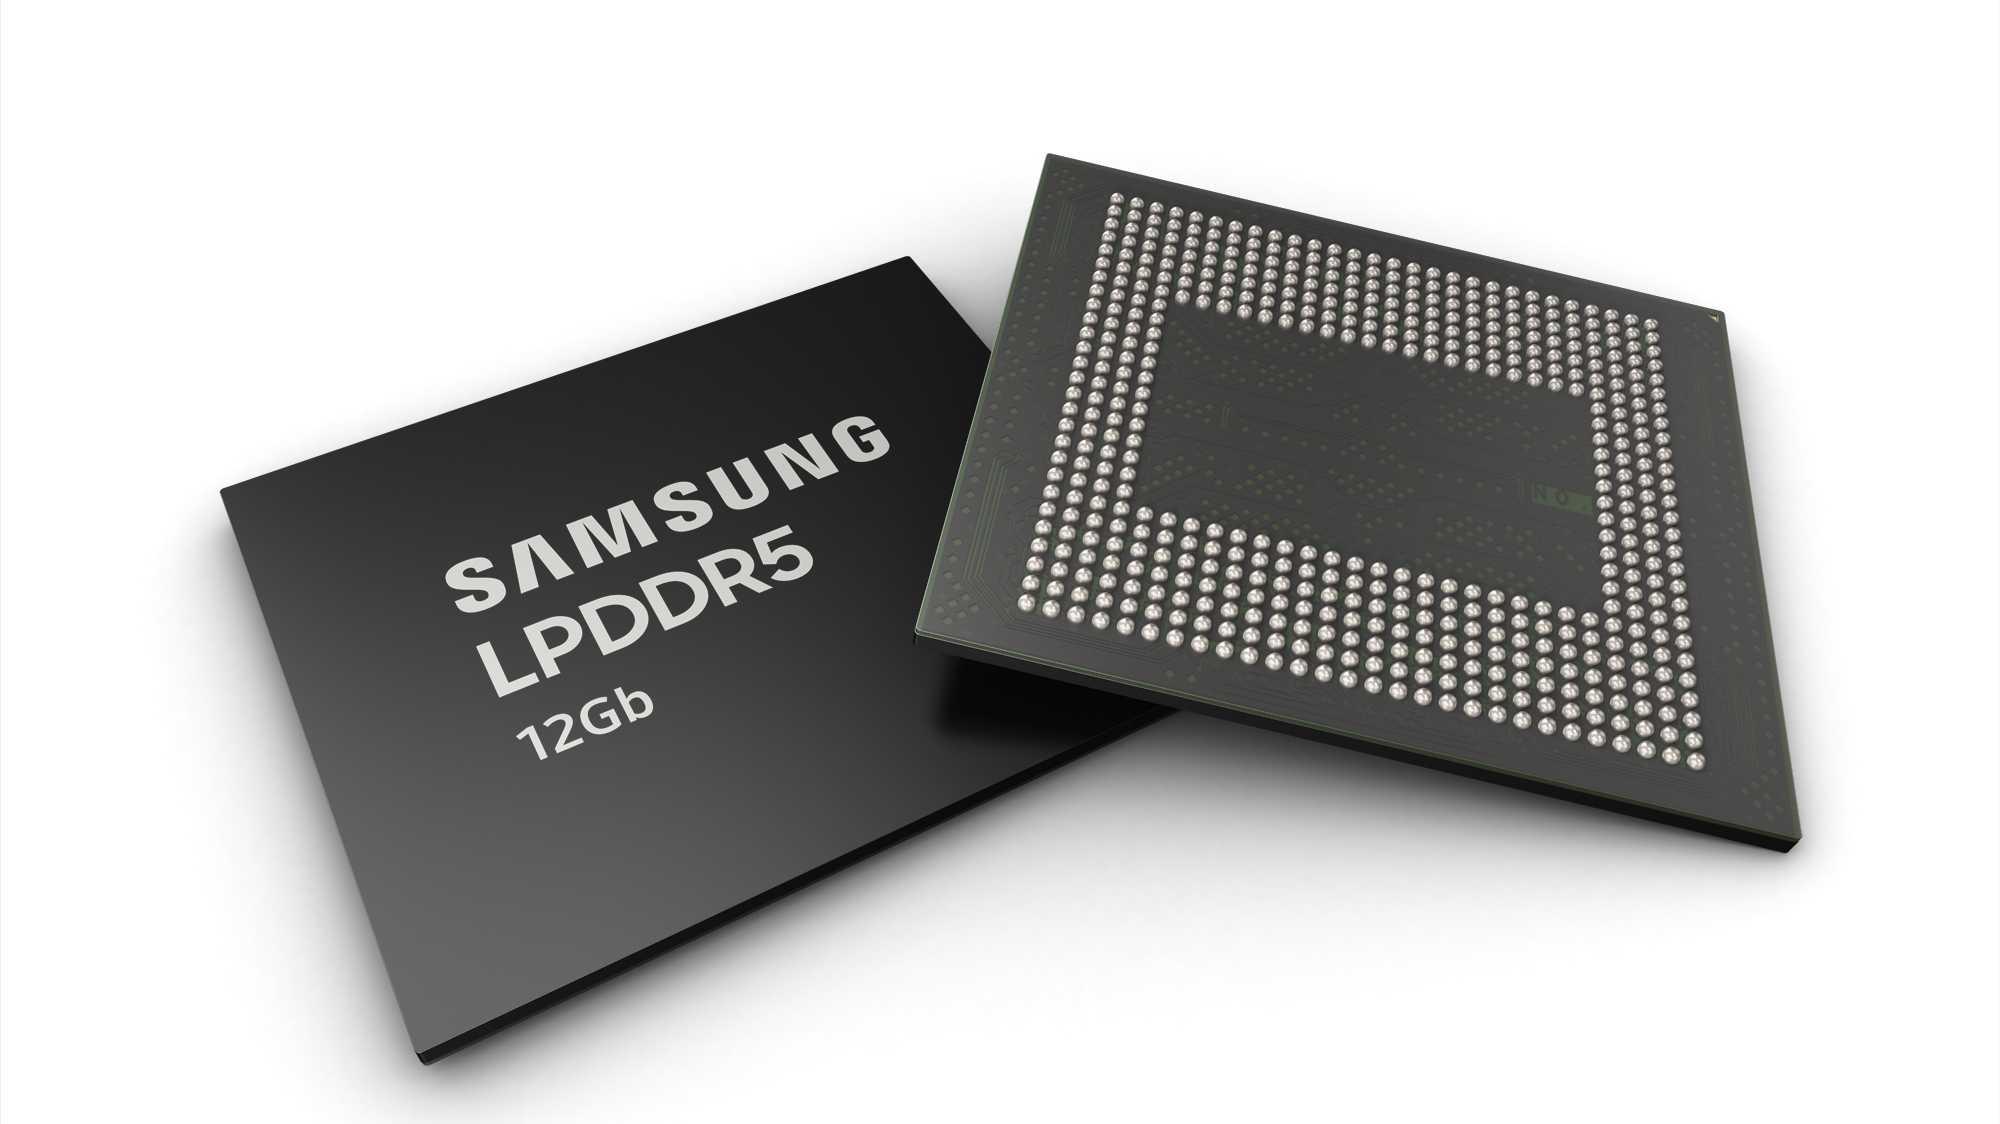 Erster LPDDR5-RAM für High-End-Smartphones ist schneller und sparsamer